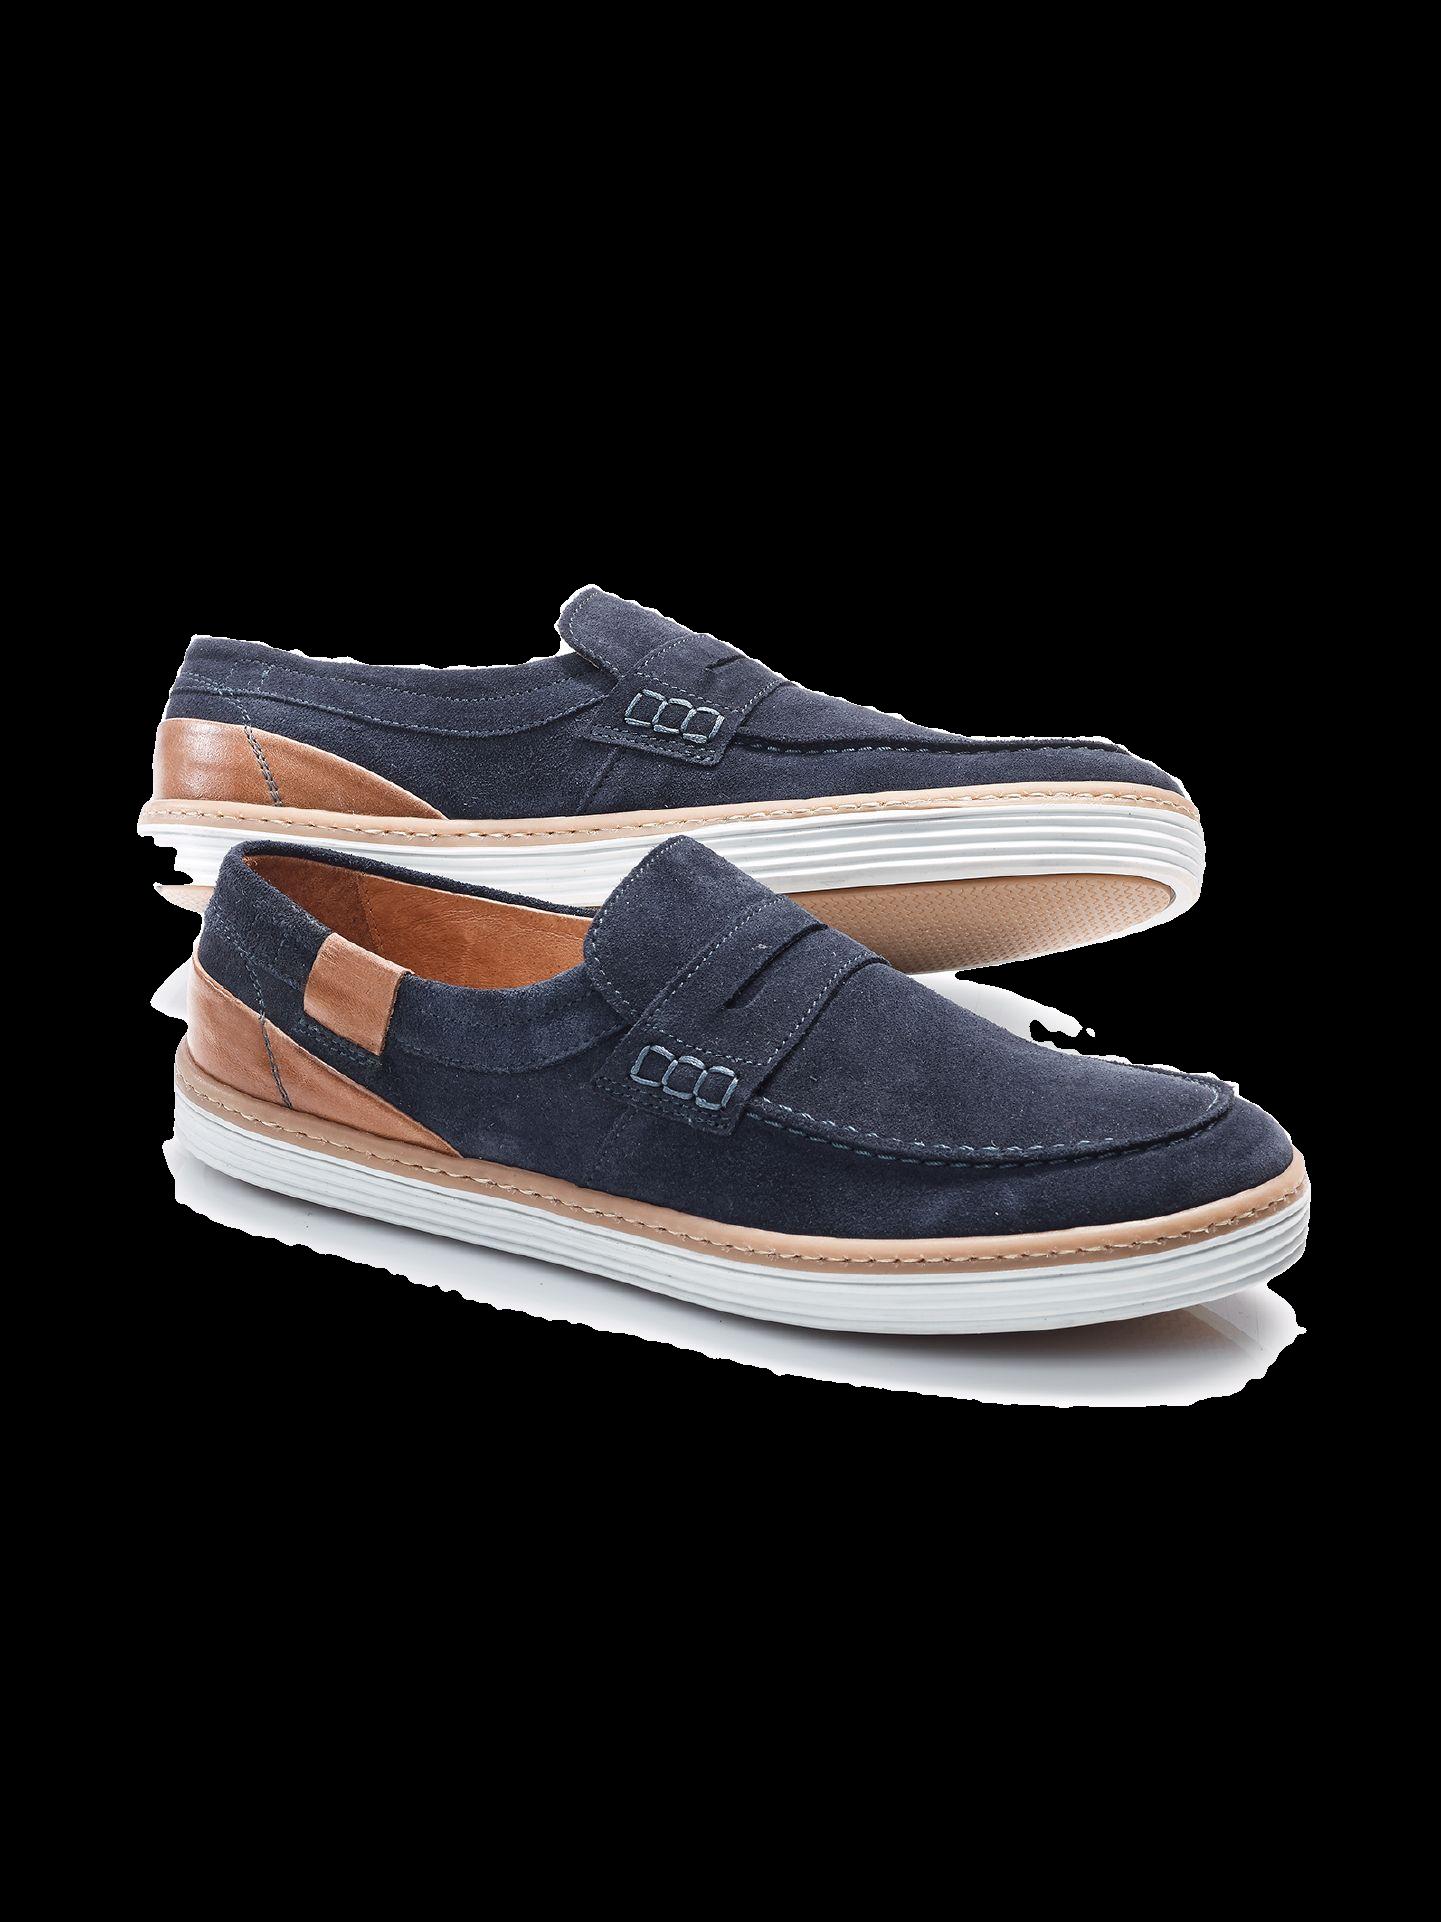 Sportlicher Loafer in Blau mit weißer Sohle und braunen Details.